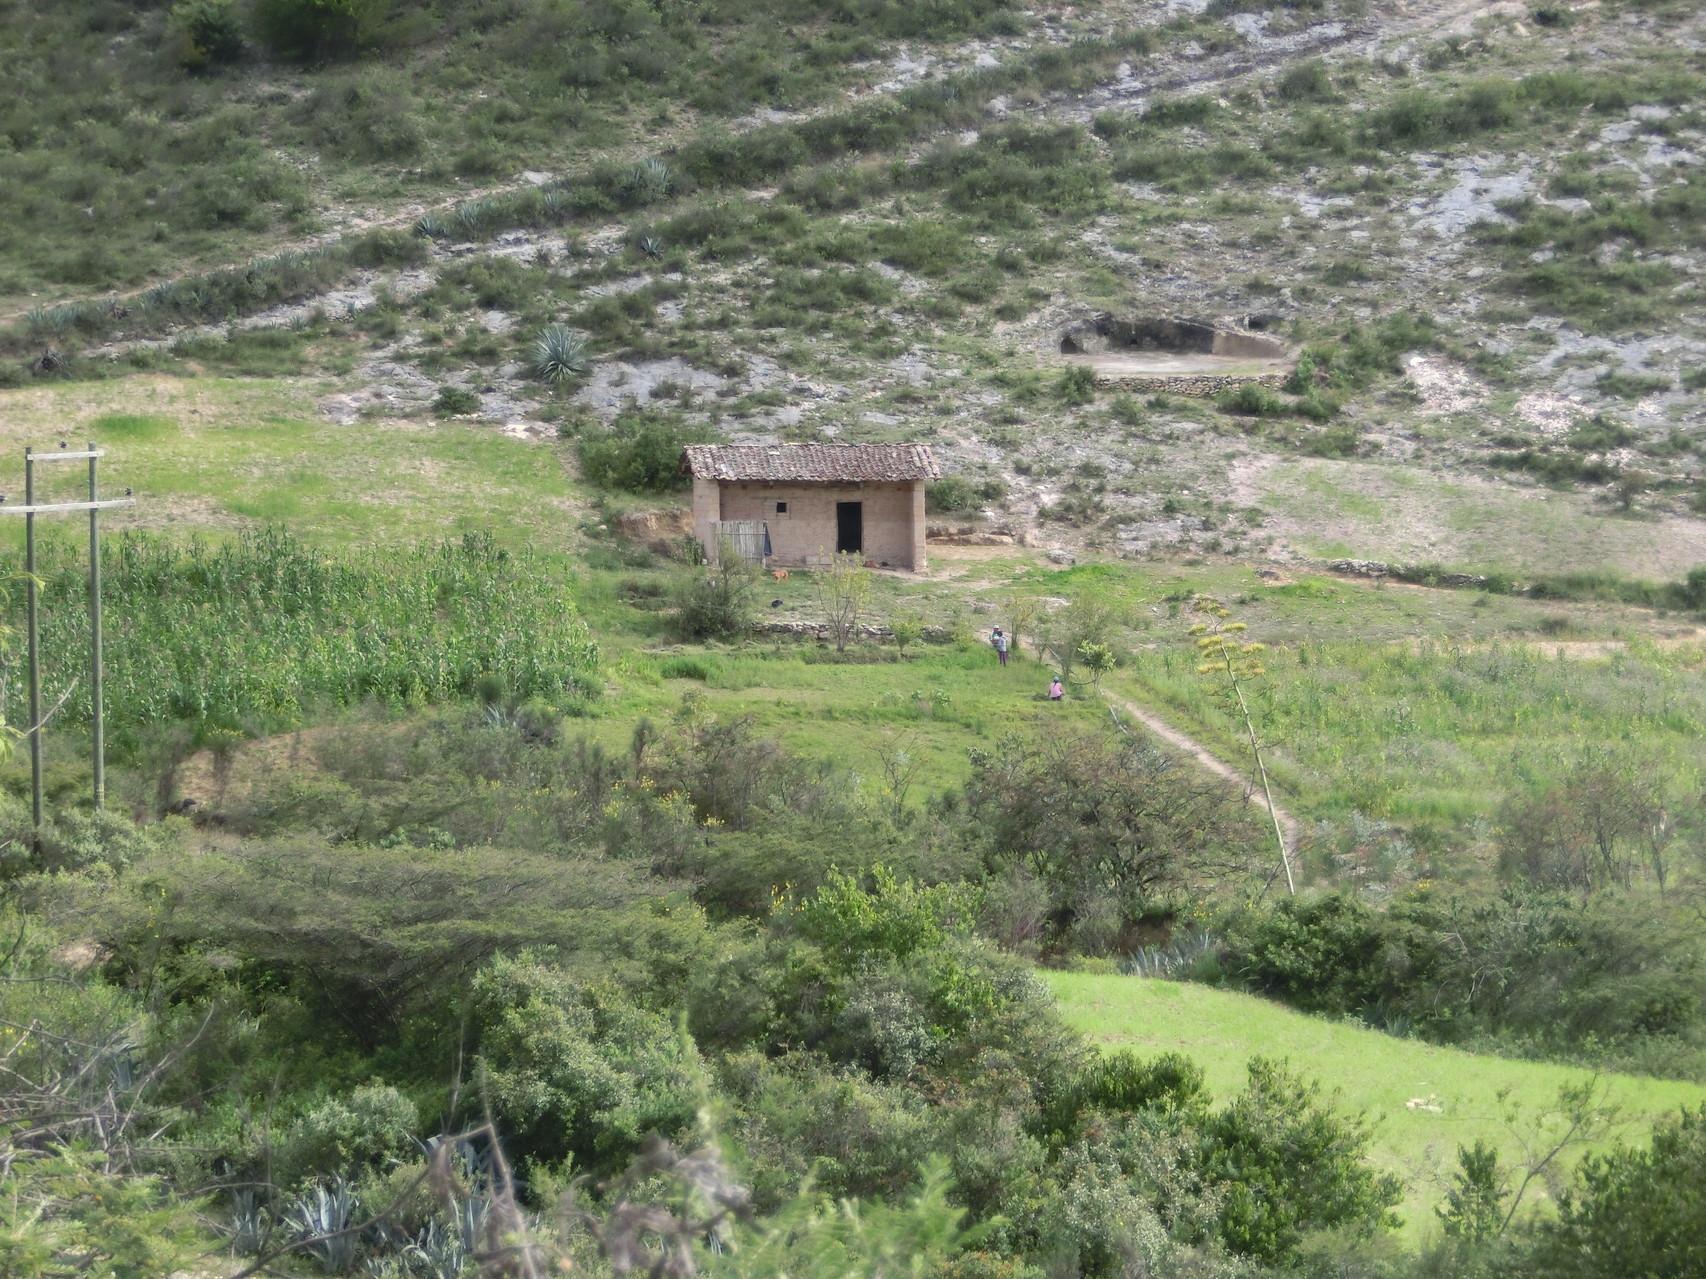 Mitten im Gelände ... wohnt jemand ... ohne Wasser und Strom